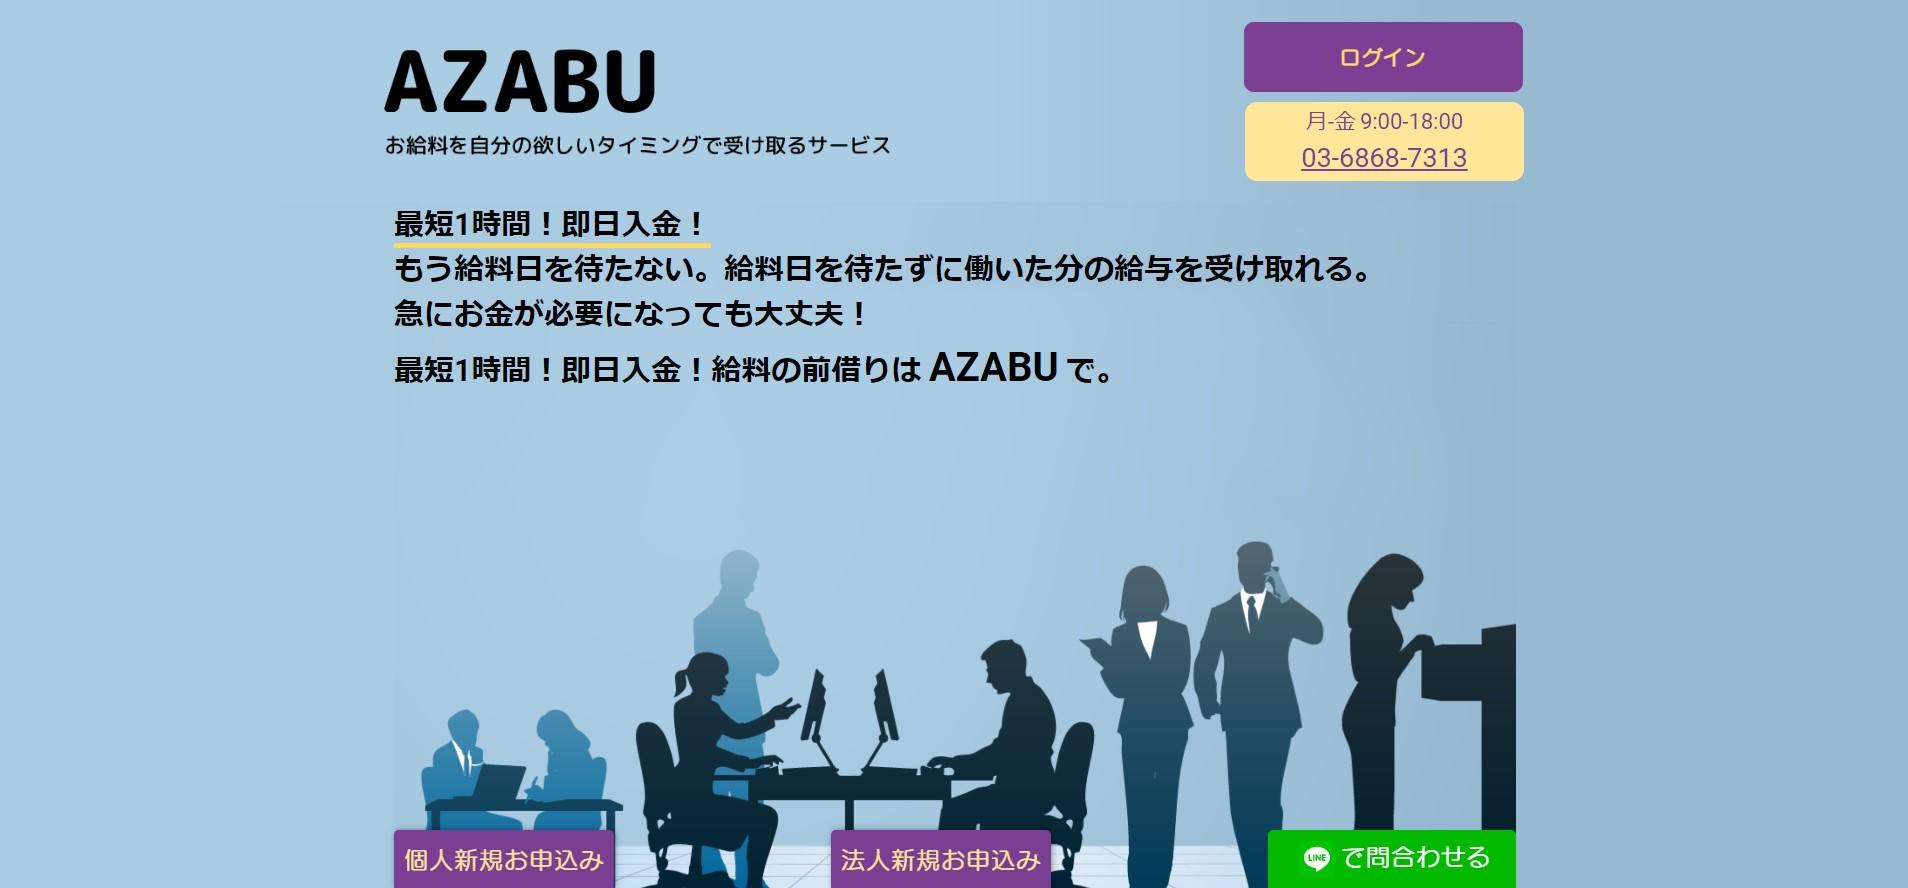 AZABU